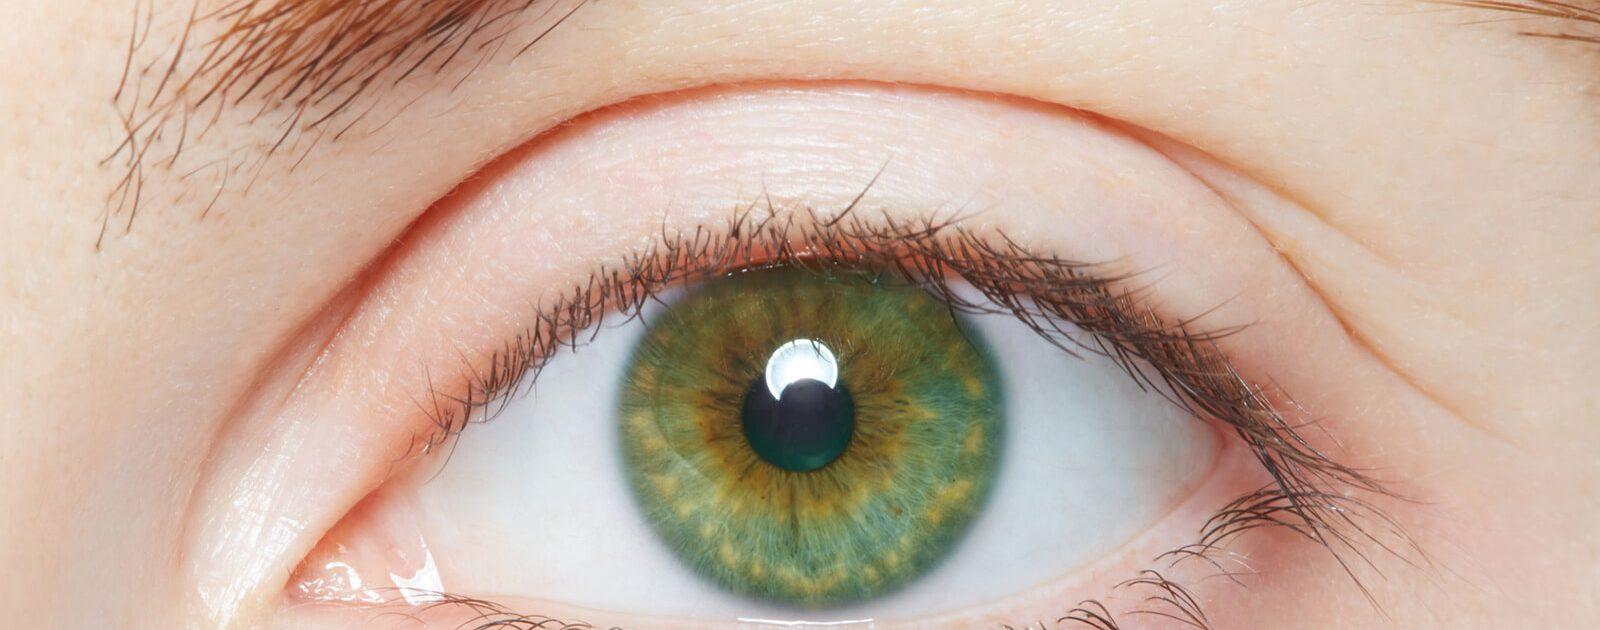 Grüne Iris: Die Regenbogenhaut (Iris) zeigt in der Regel nur eine Augenfarbe.